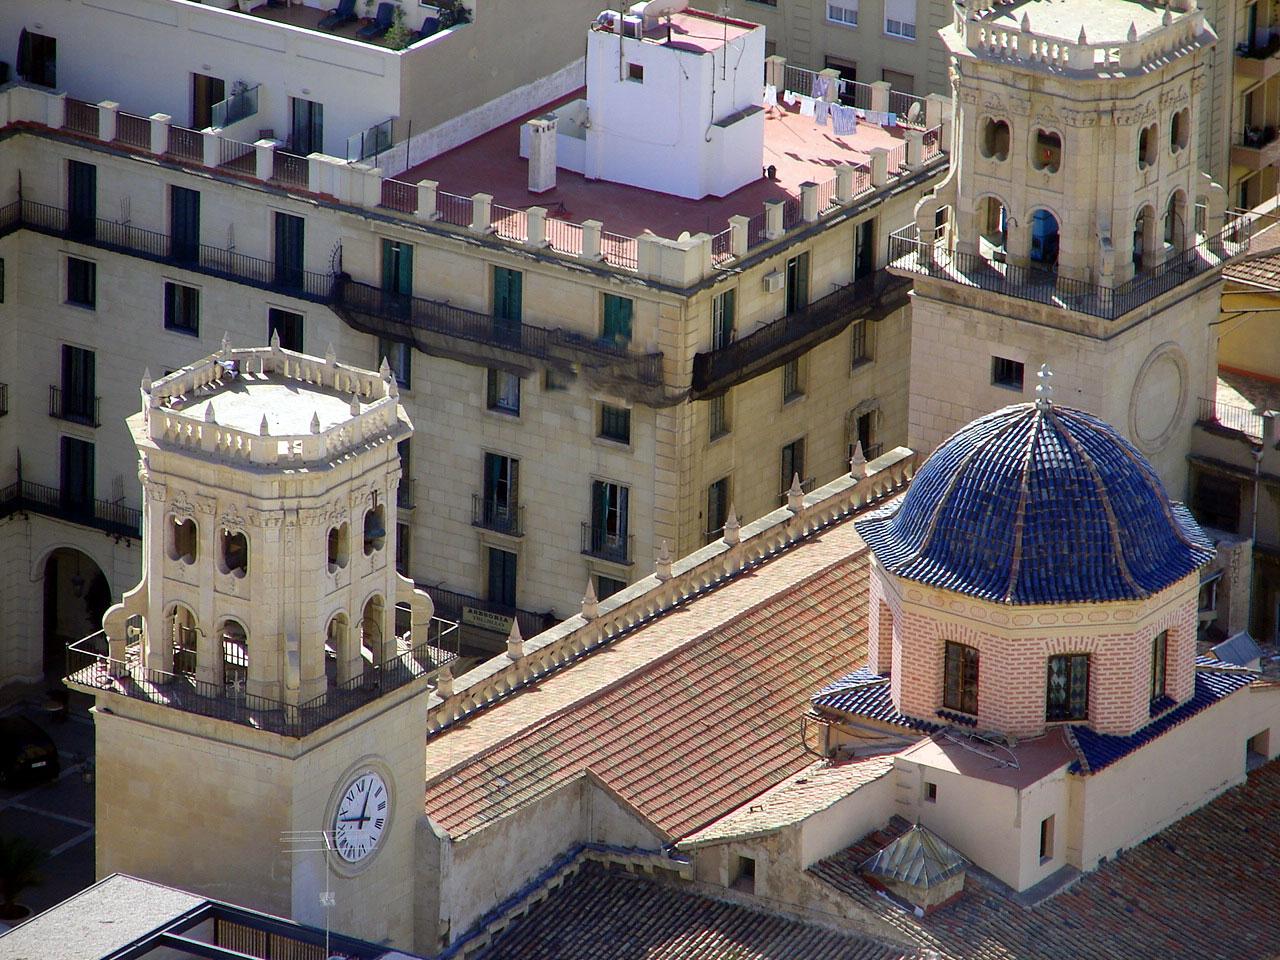 Alicante gemeentehuis van boven